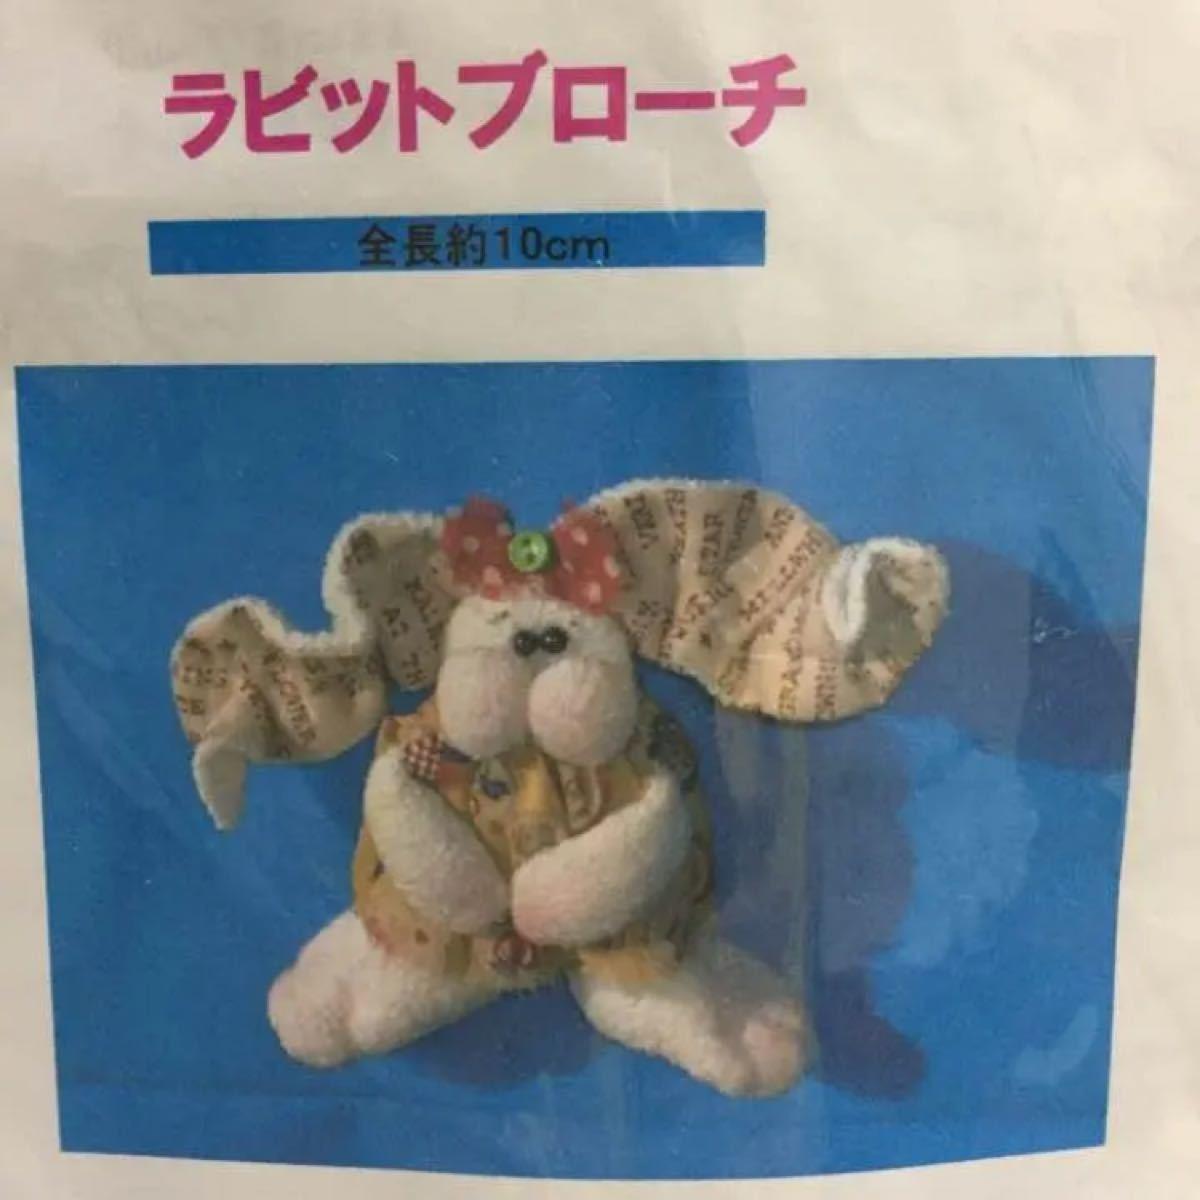 ハンドメイドのキット☆ラビットブローチ☆送料込み